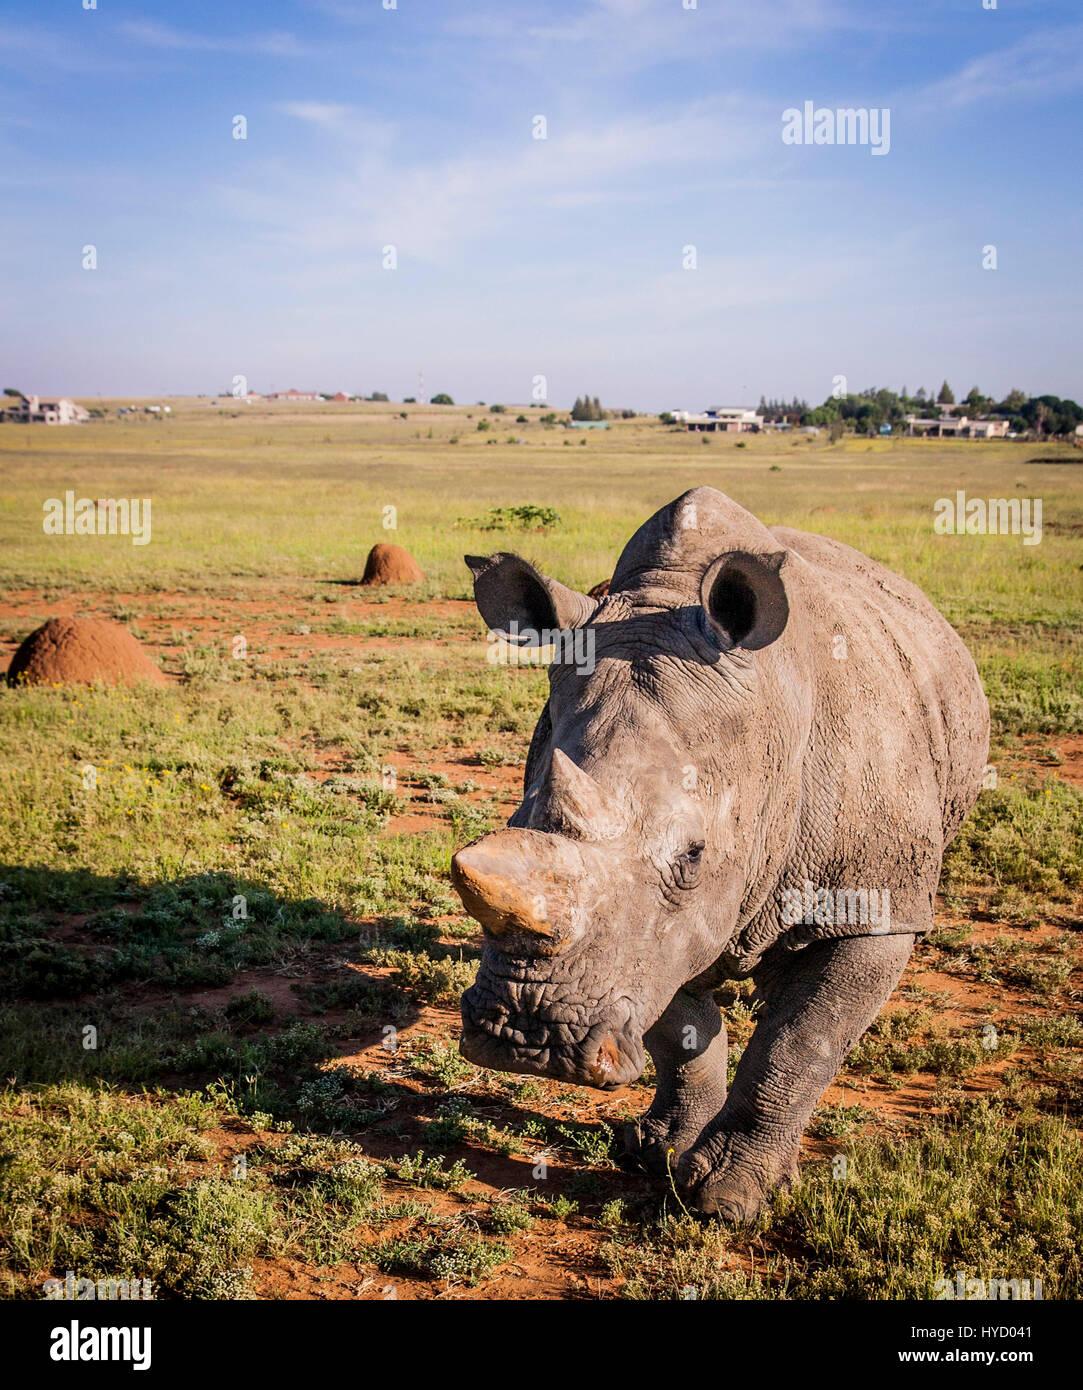 Rinocerontes blancos en Sudáfrica Imagen De Stock